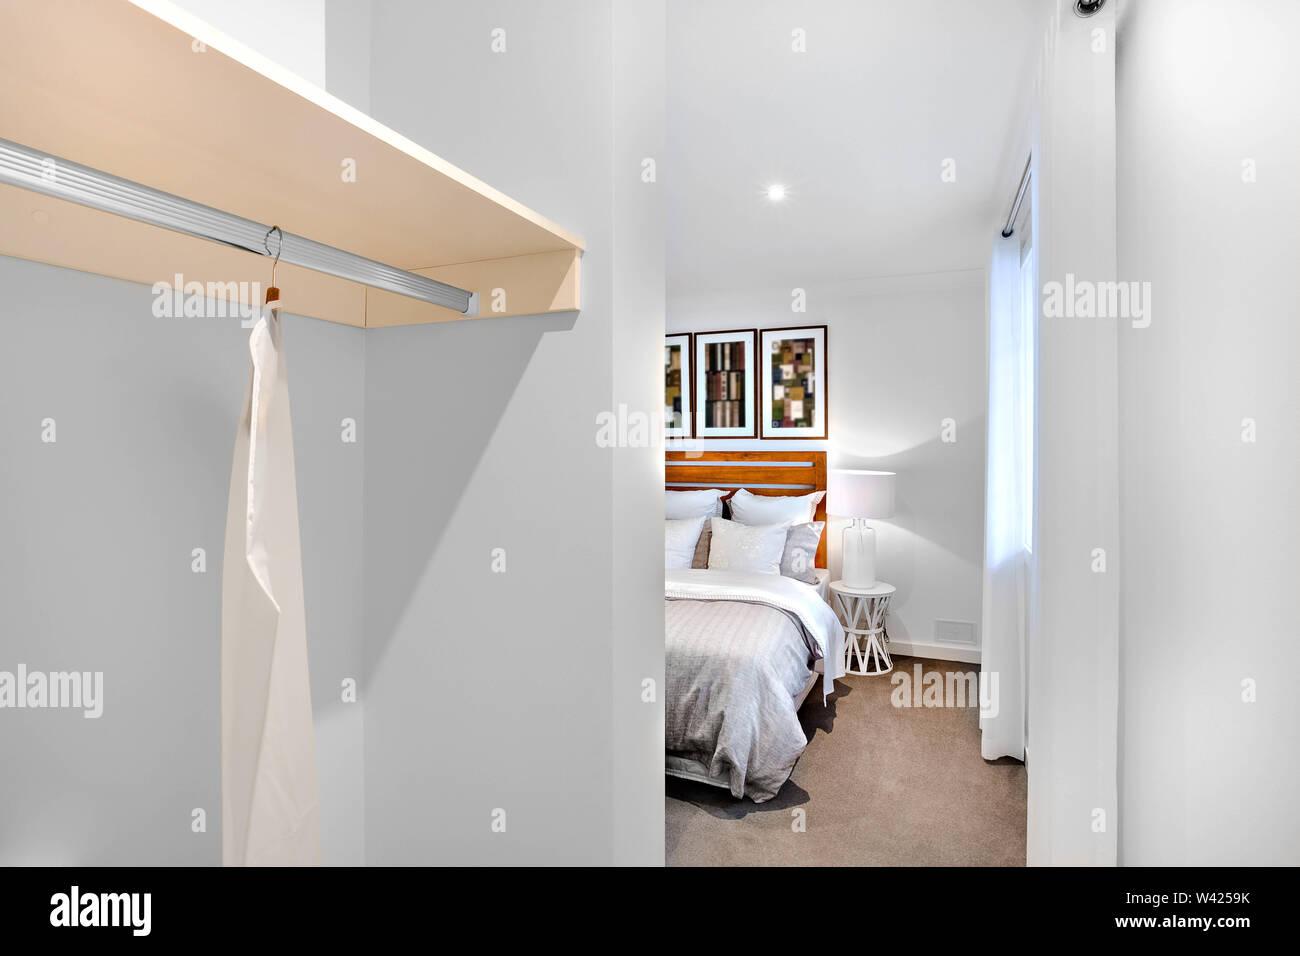 Camera da letto ingresso con pareti bianche e abiti appendiabiti accanto alla camera da letto finestra con una lampada e biancheria da letto Immagini Stock